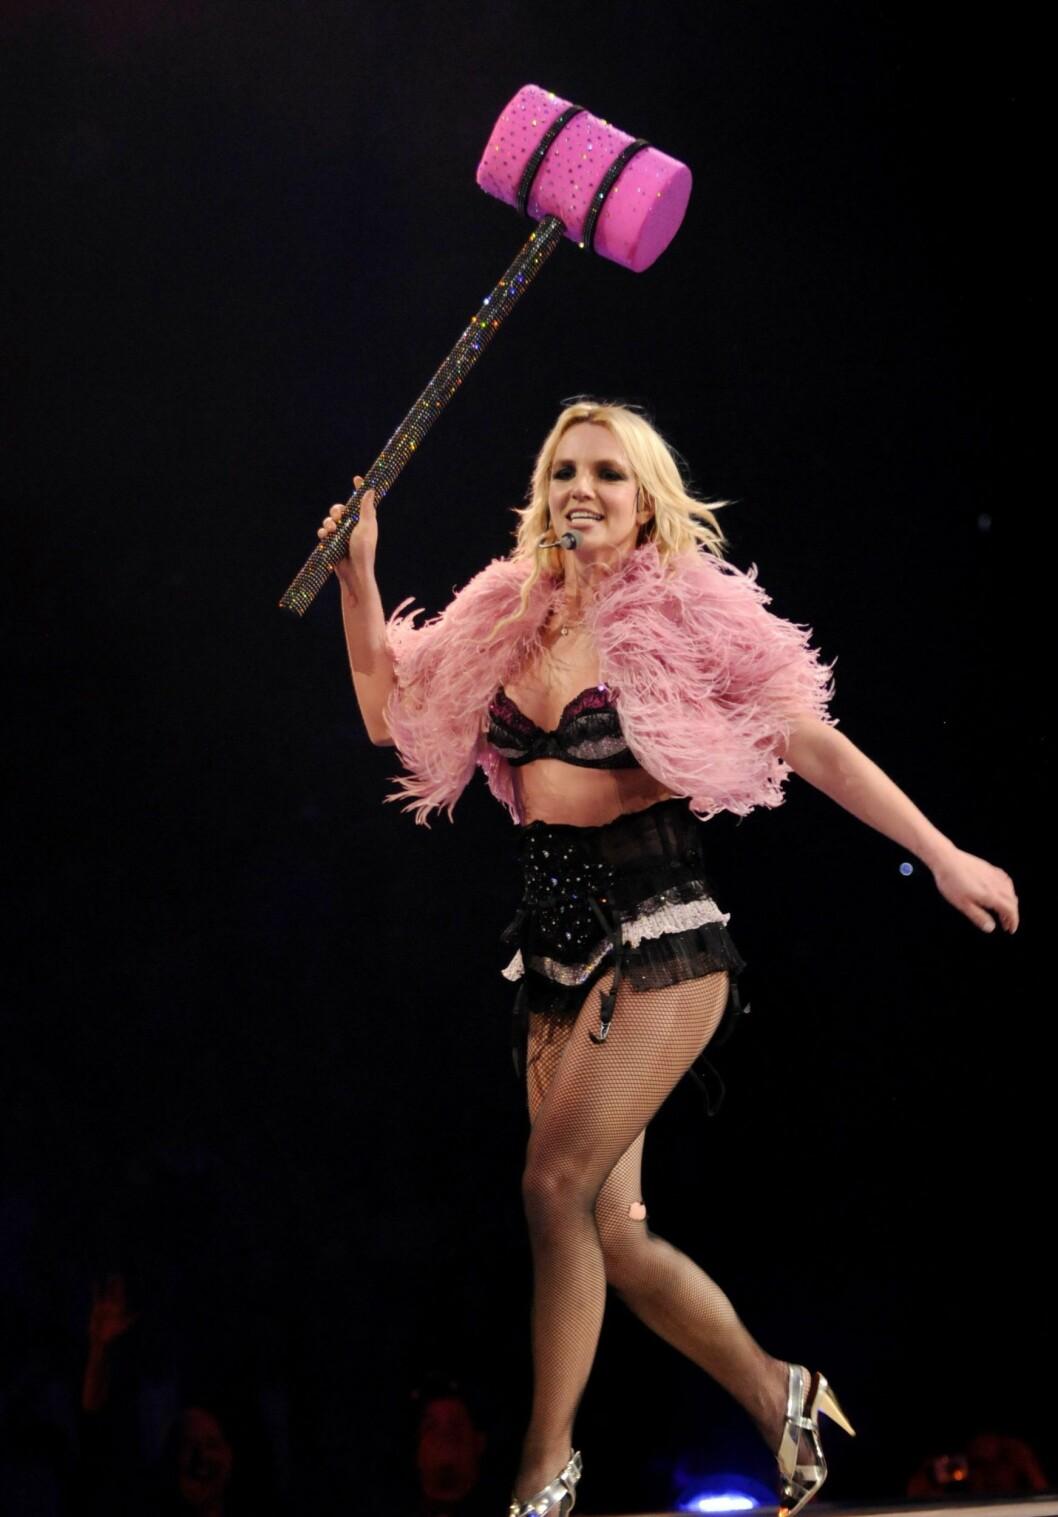 I et intervju med Glamour.com forteller Britney Spears at hun har blitt glad i kroppen sin igjen. Tidligere var hun avhengig av ostepop, men nå trener hun flere ganger i uka og holder seg under 1200 kalorier daglig. Hun har også kuttet ut alt sukker fra kostholdet - frukt inkludert.  Foto: All Over Press